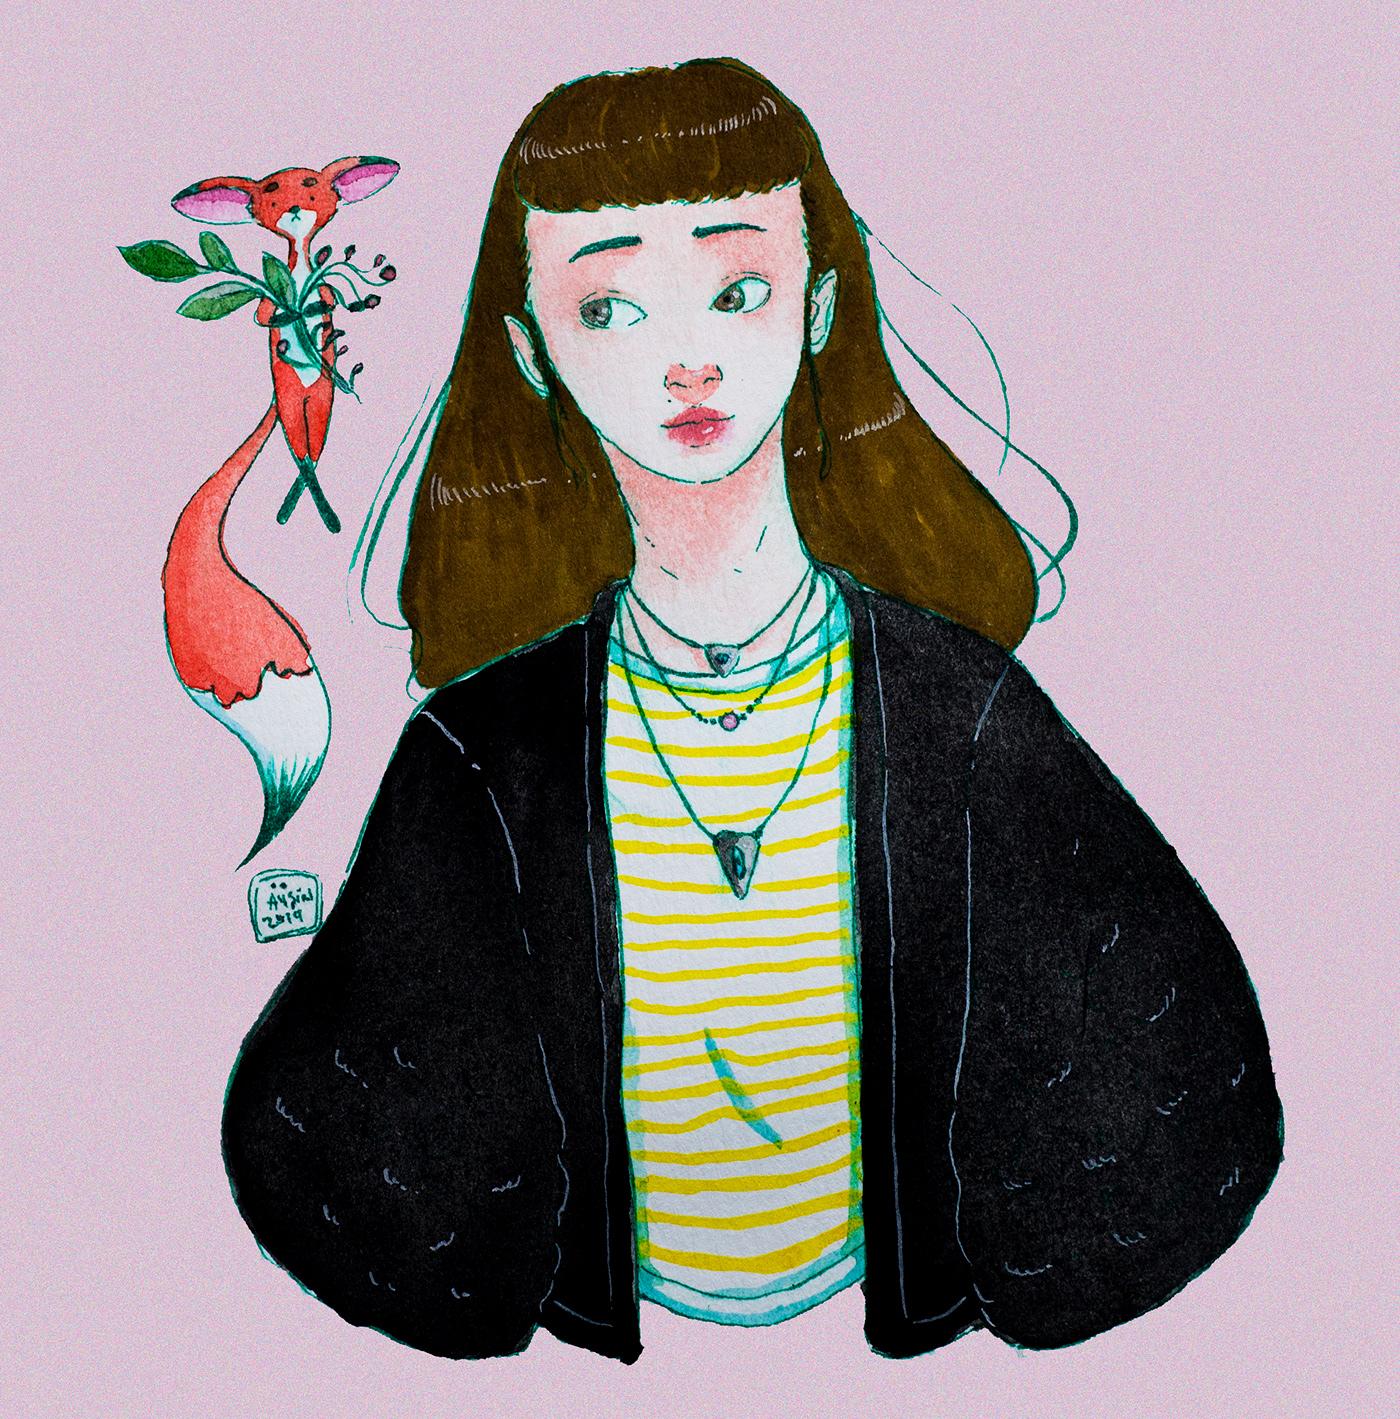 有美感的45張韓國插畫欣賞